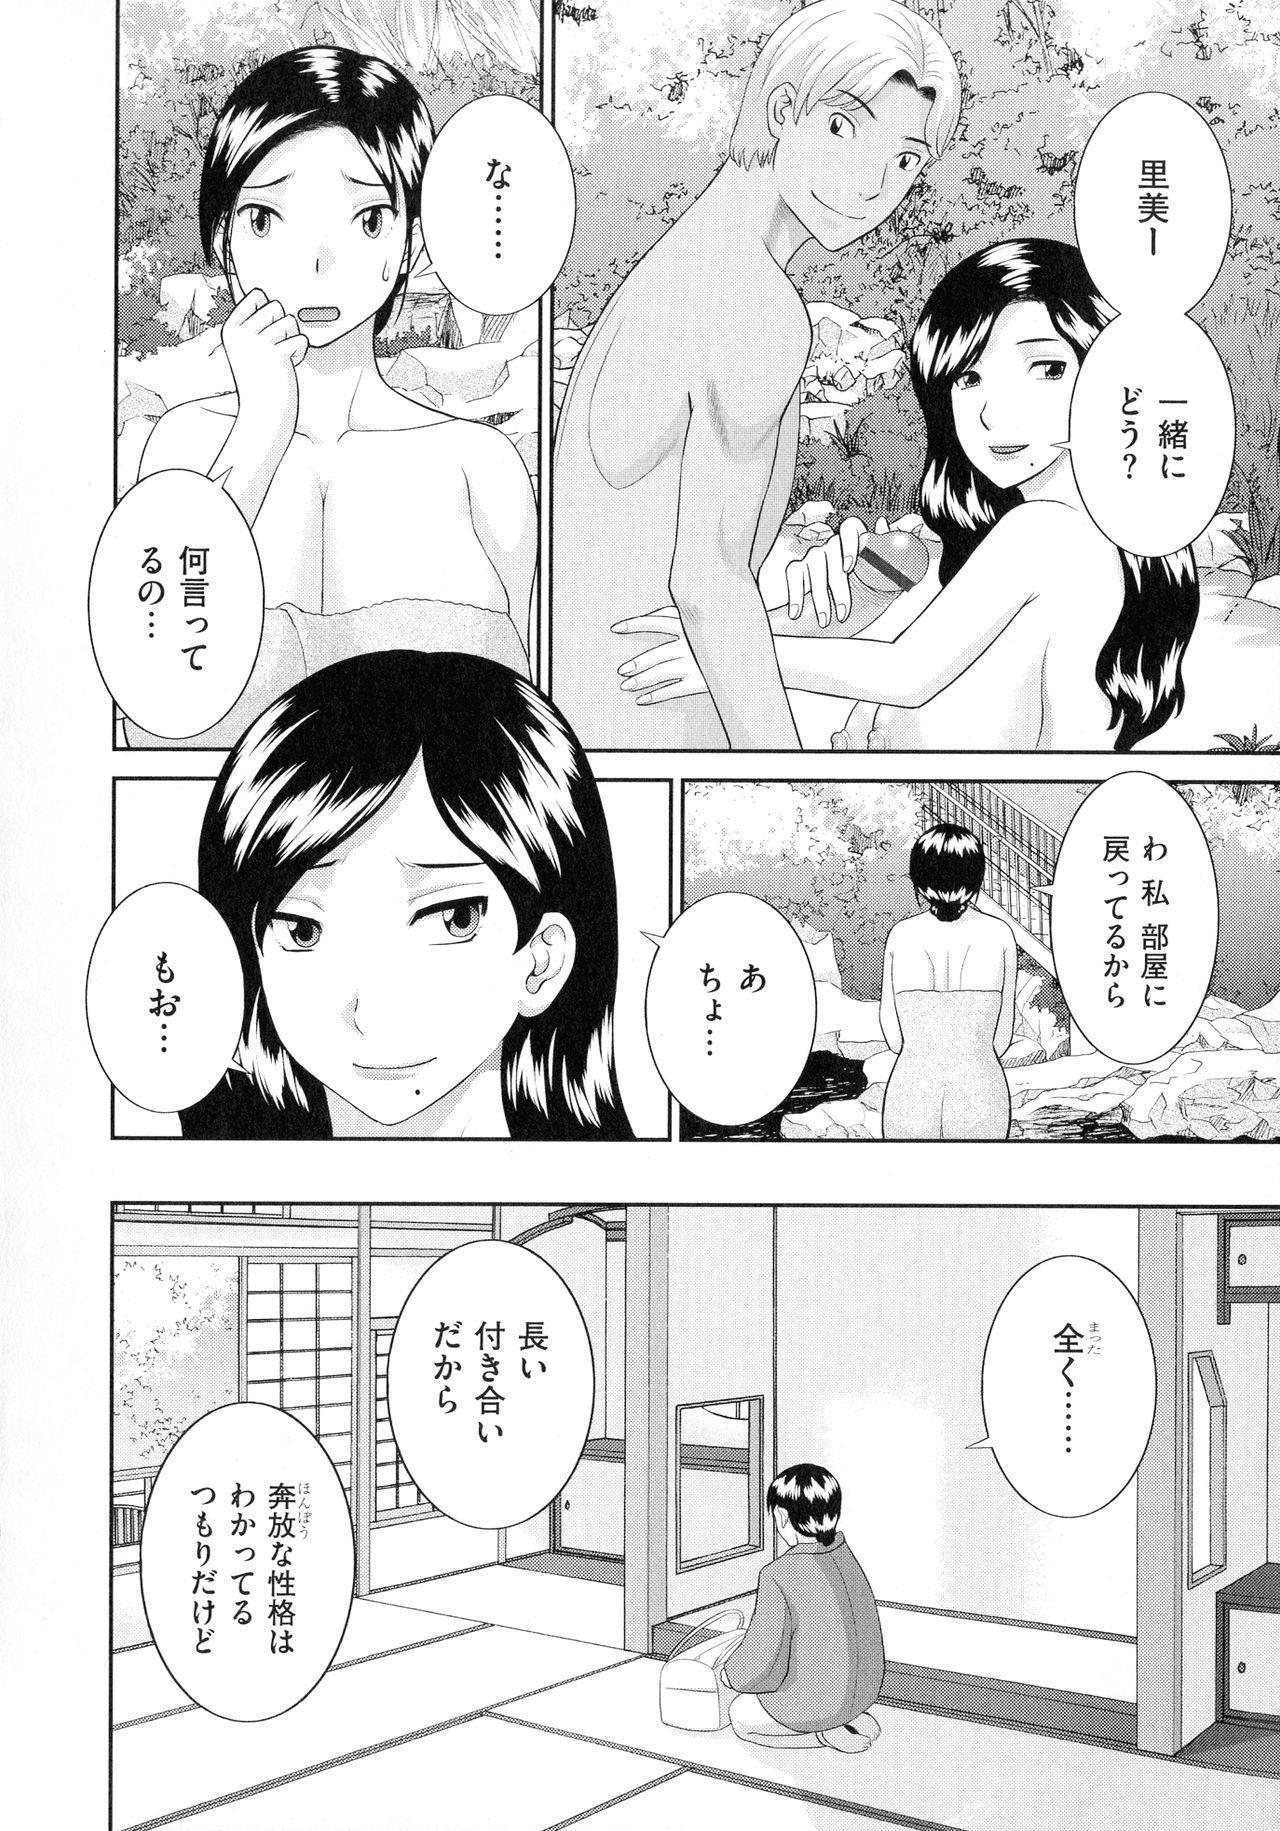 Tennen Torokeru Hatsujozuma 10